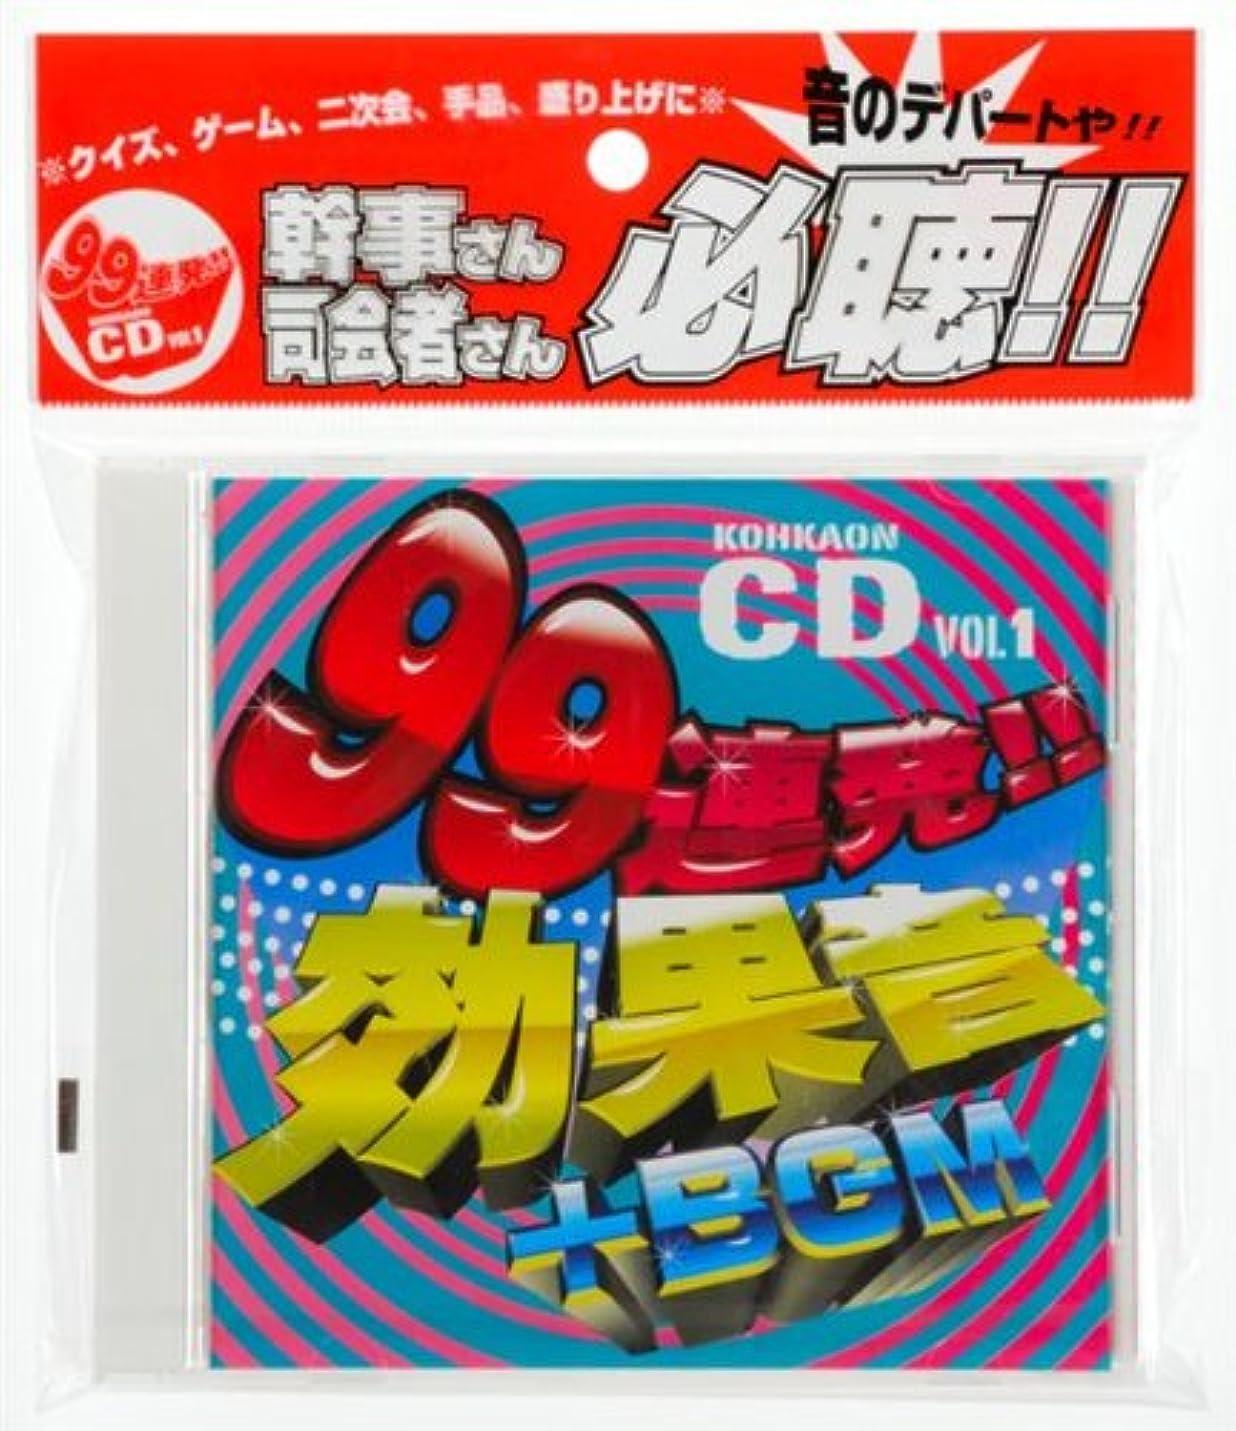 専門知識宙返りインタネットを見る効果音CD 99連発